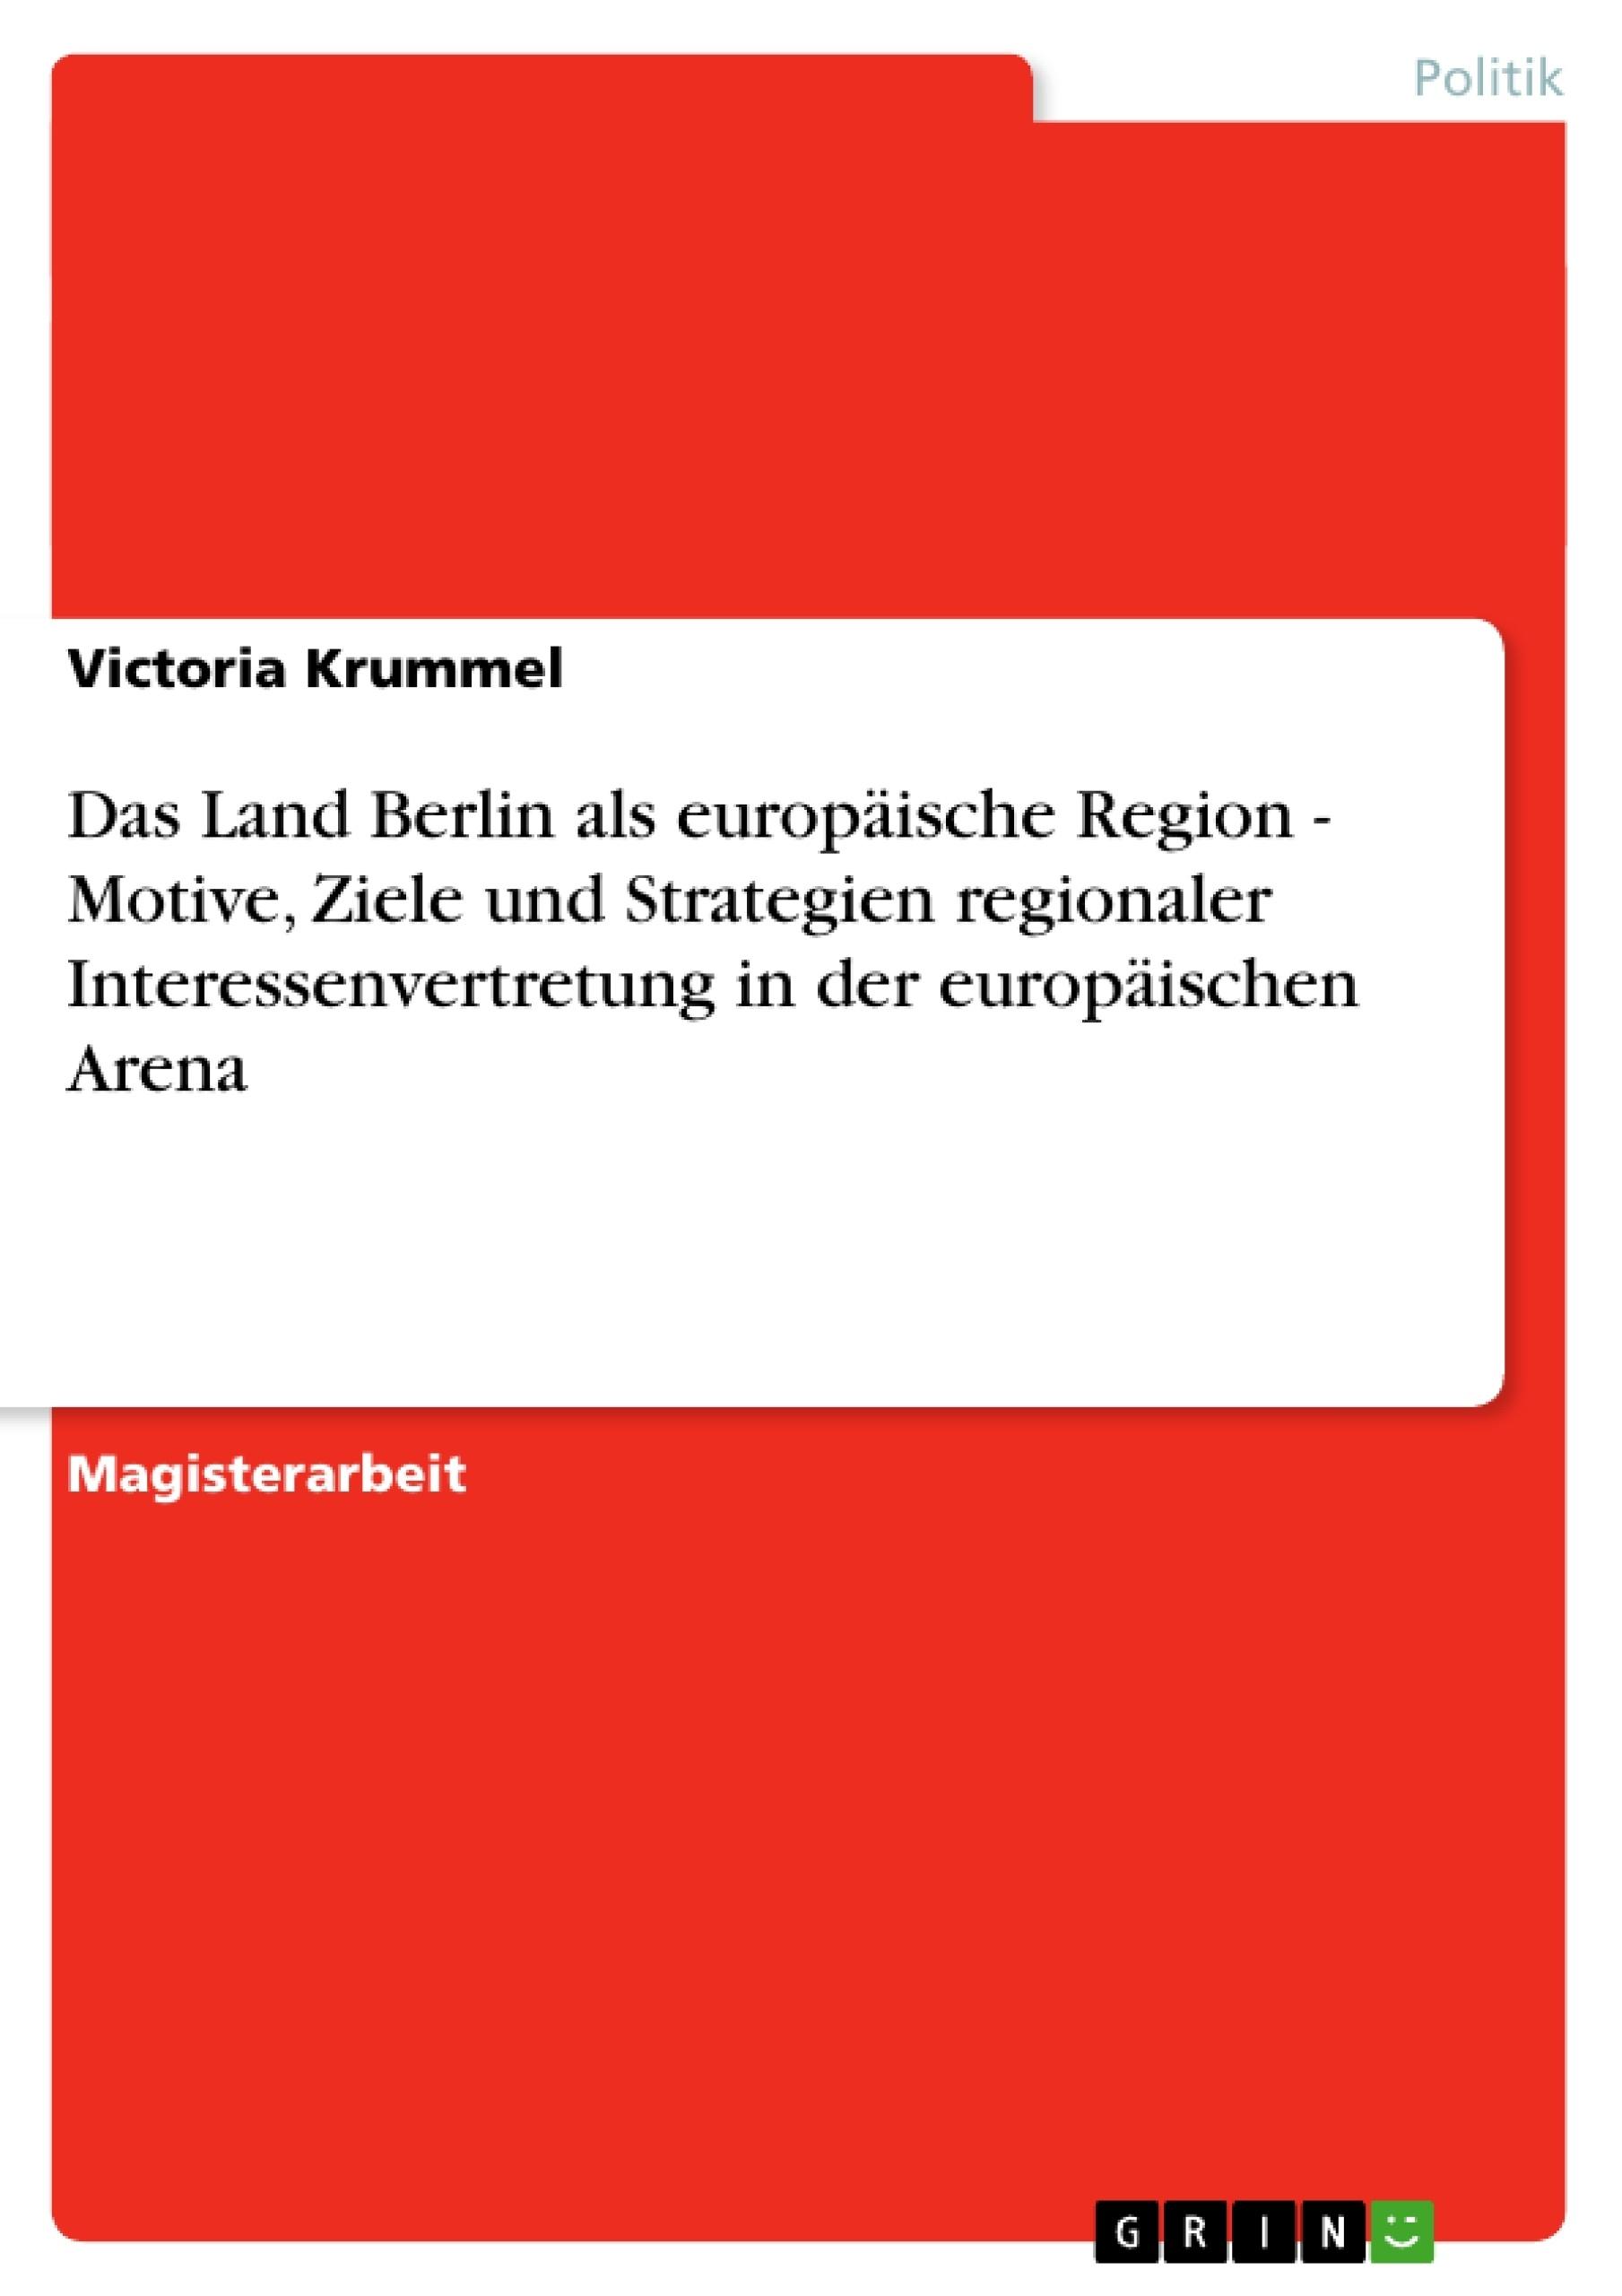 Titel: Das Land Berlin als europäische Region - Motive, Ziele und Strategien regionaler Interessenvertretung in der europäischen Arena